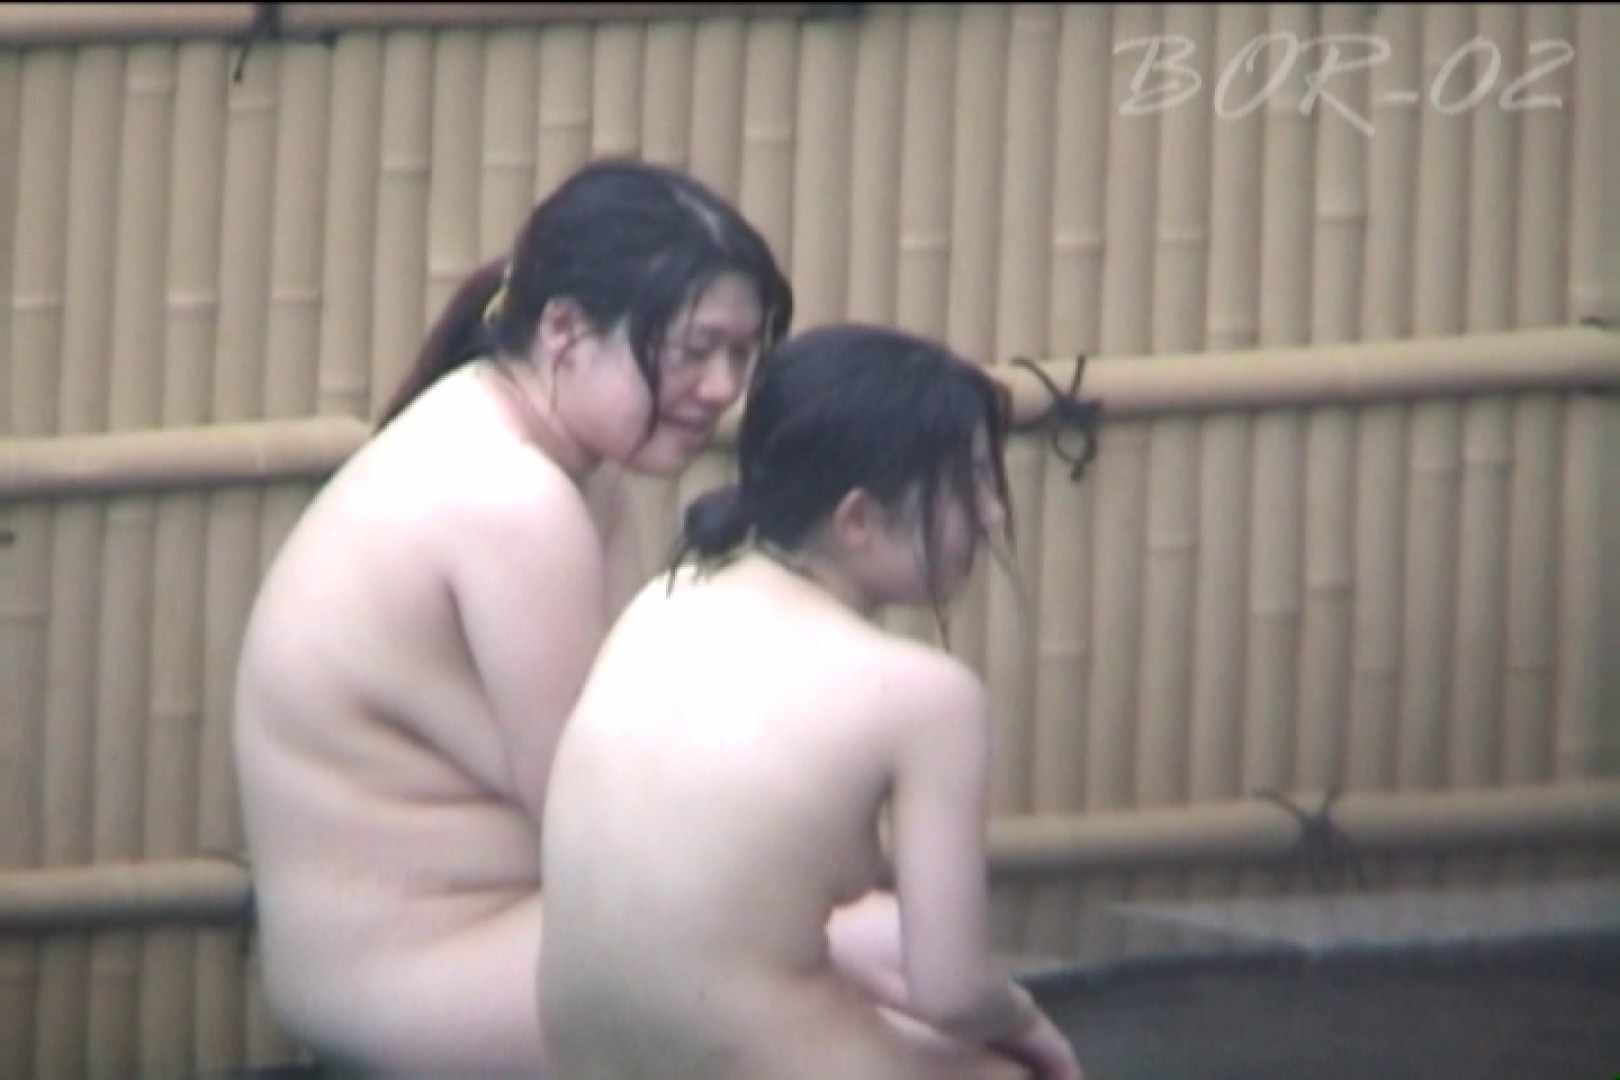 Aquaな露天風呂Vol.471 美しいOLの裸体 のぞき動画画像 70pic 62